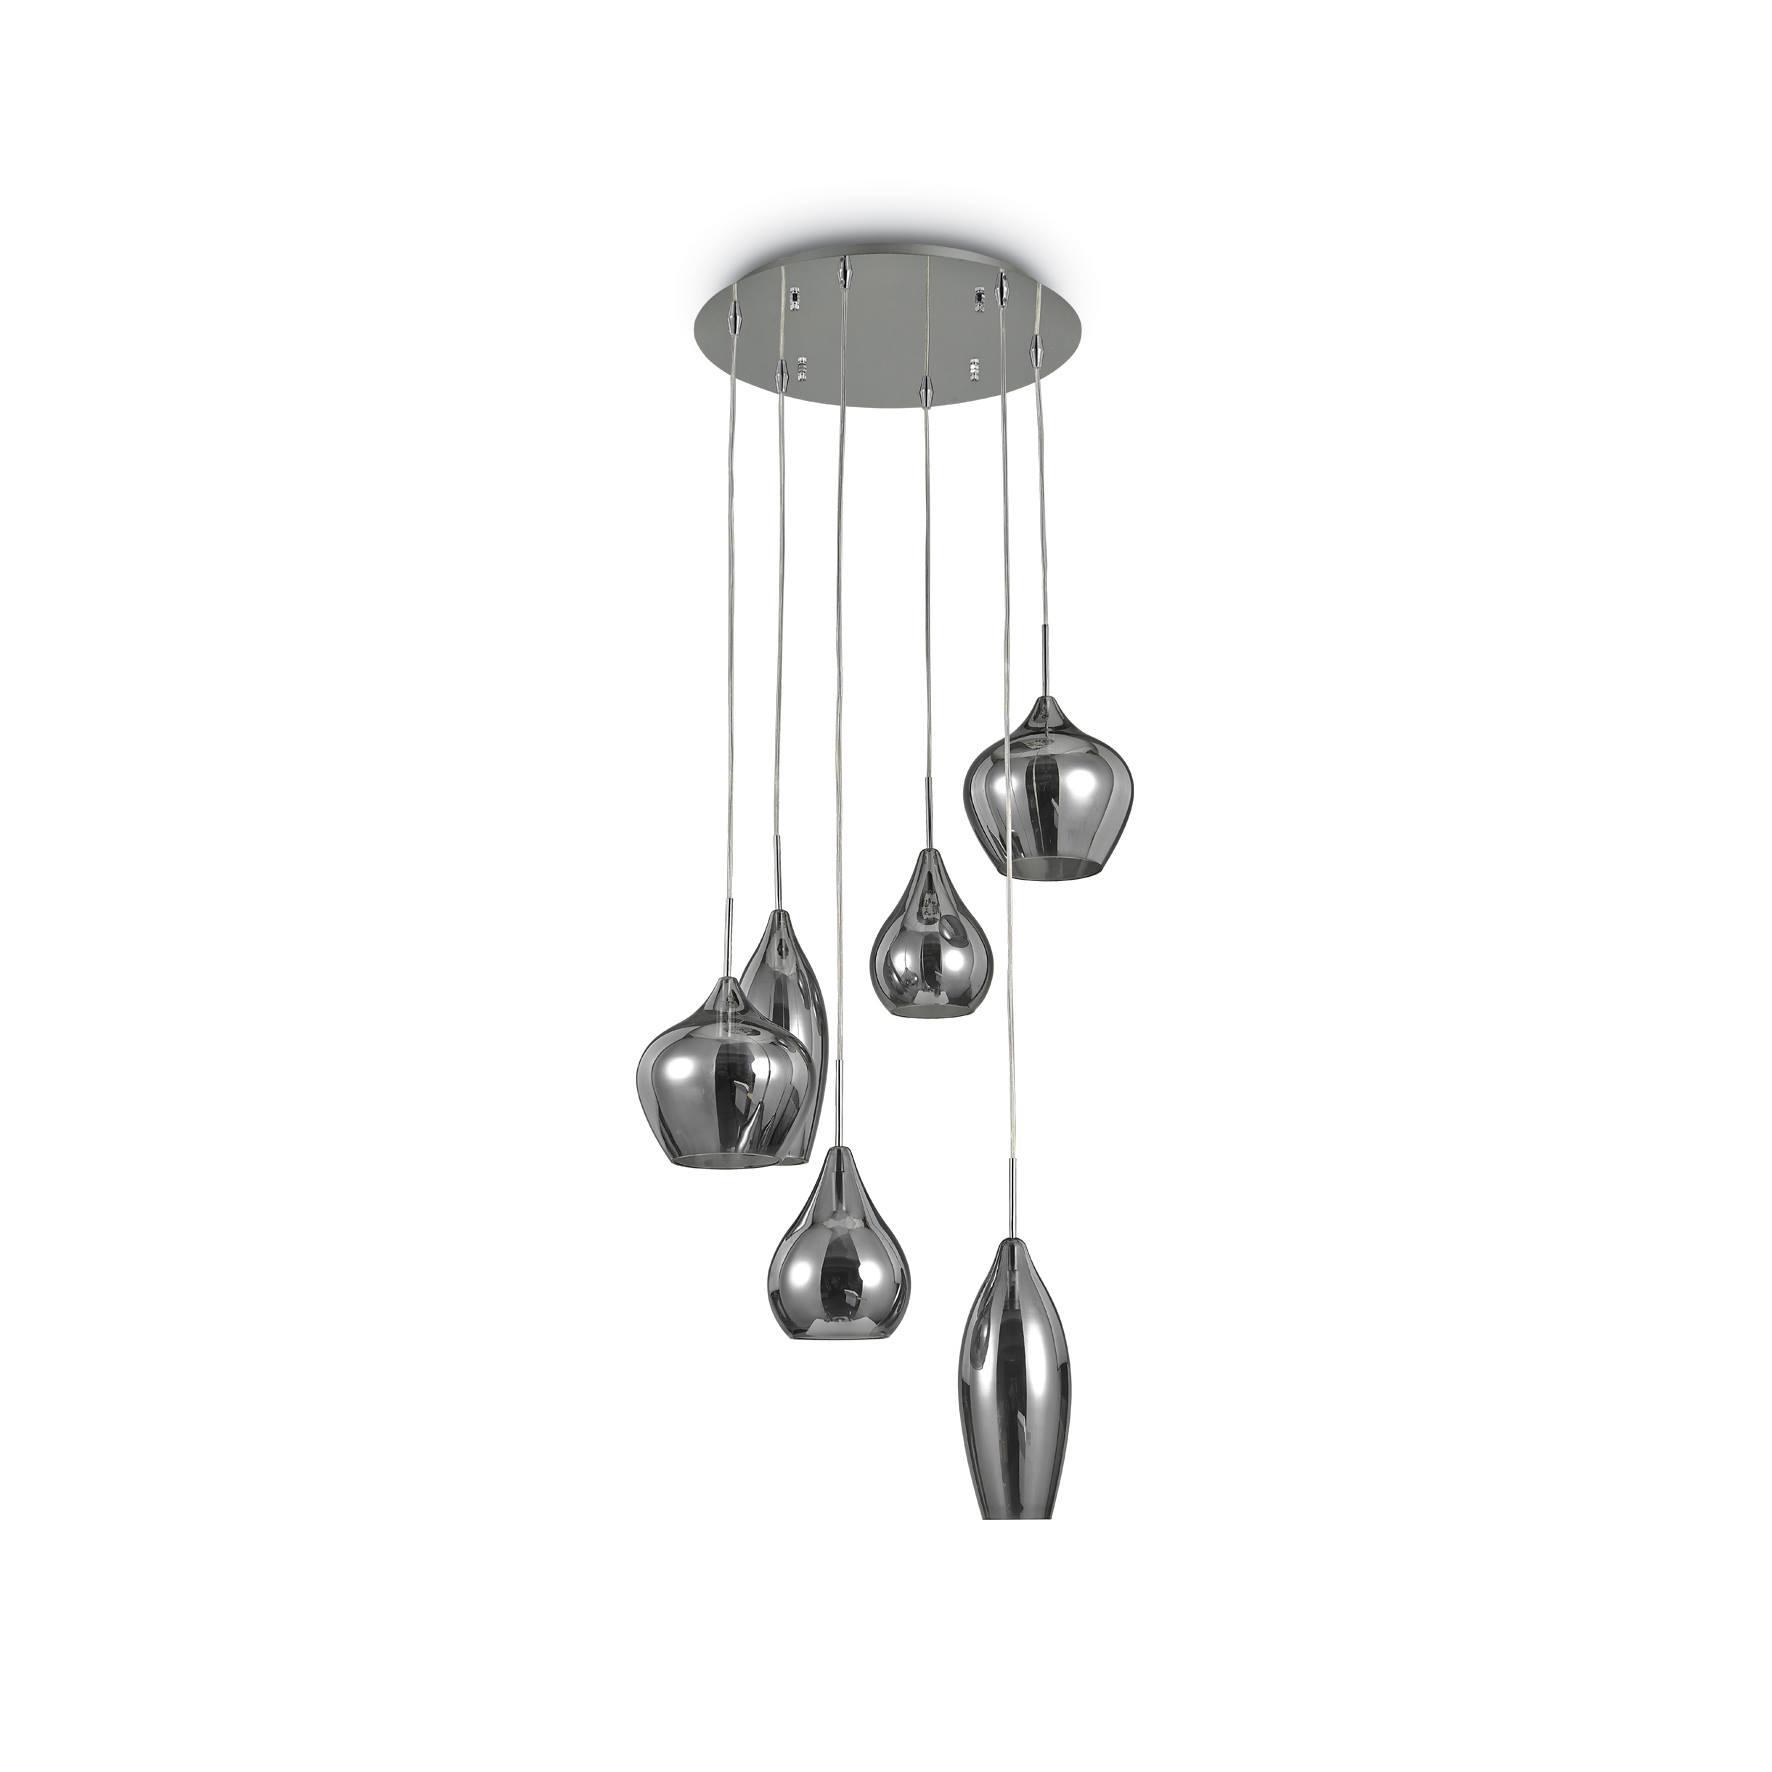 lampadari contemporanei Ideal Lux è un oggetto davvero versatile che permette di rendere unico l'ambiente in cui viene inserito